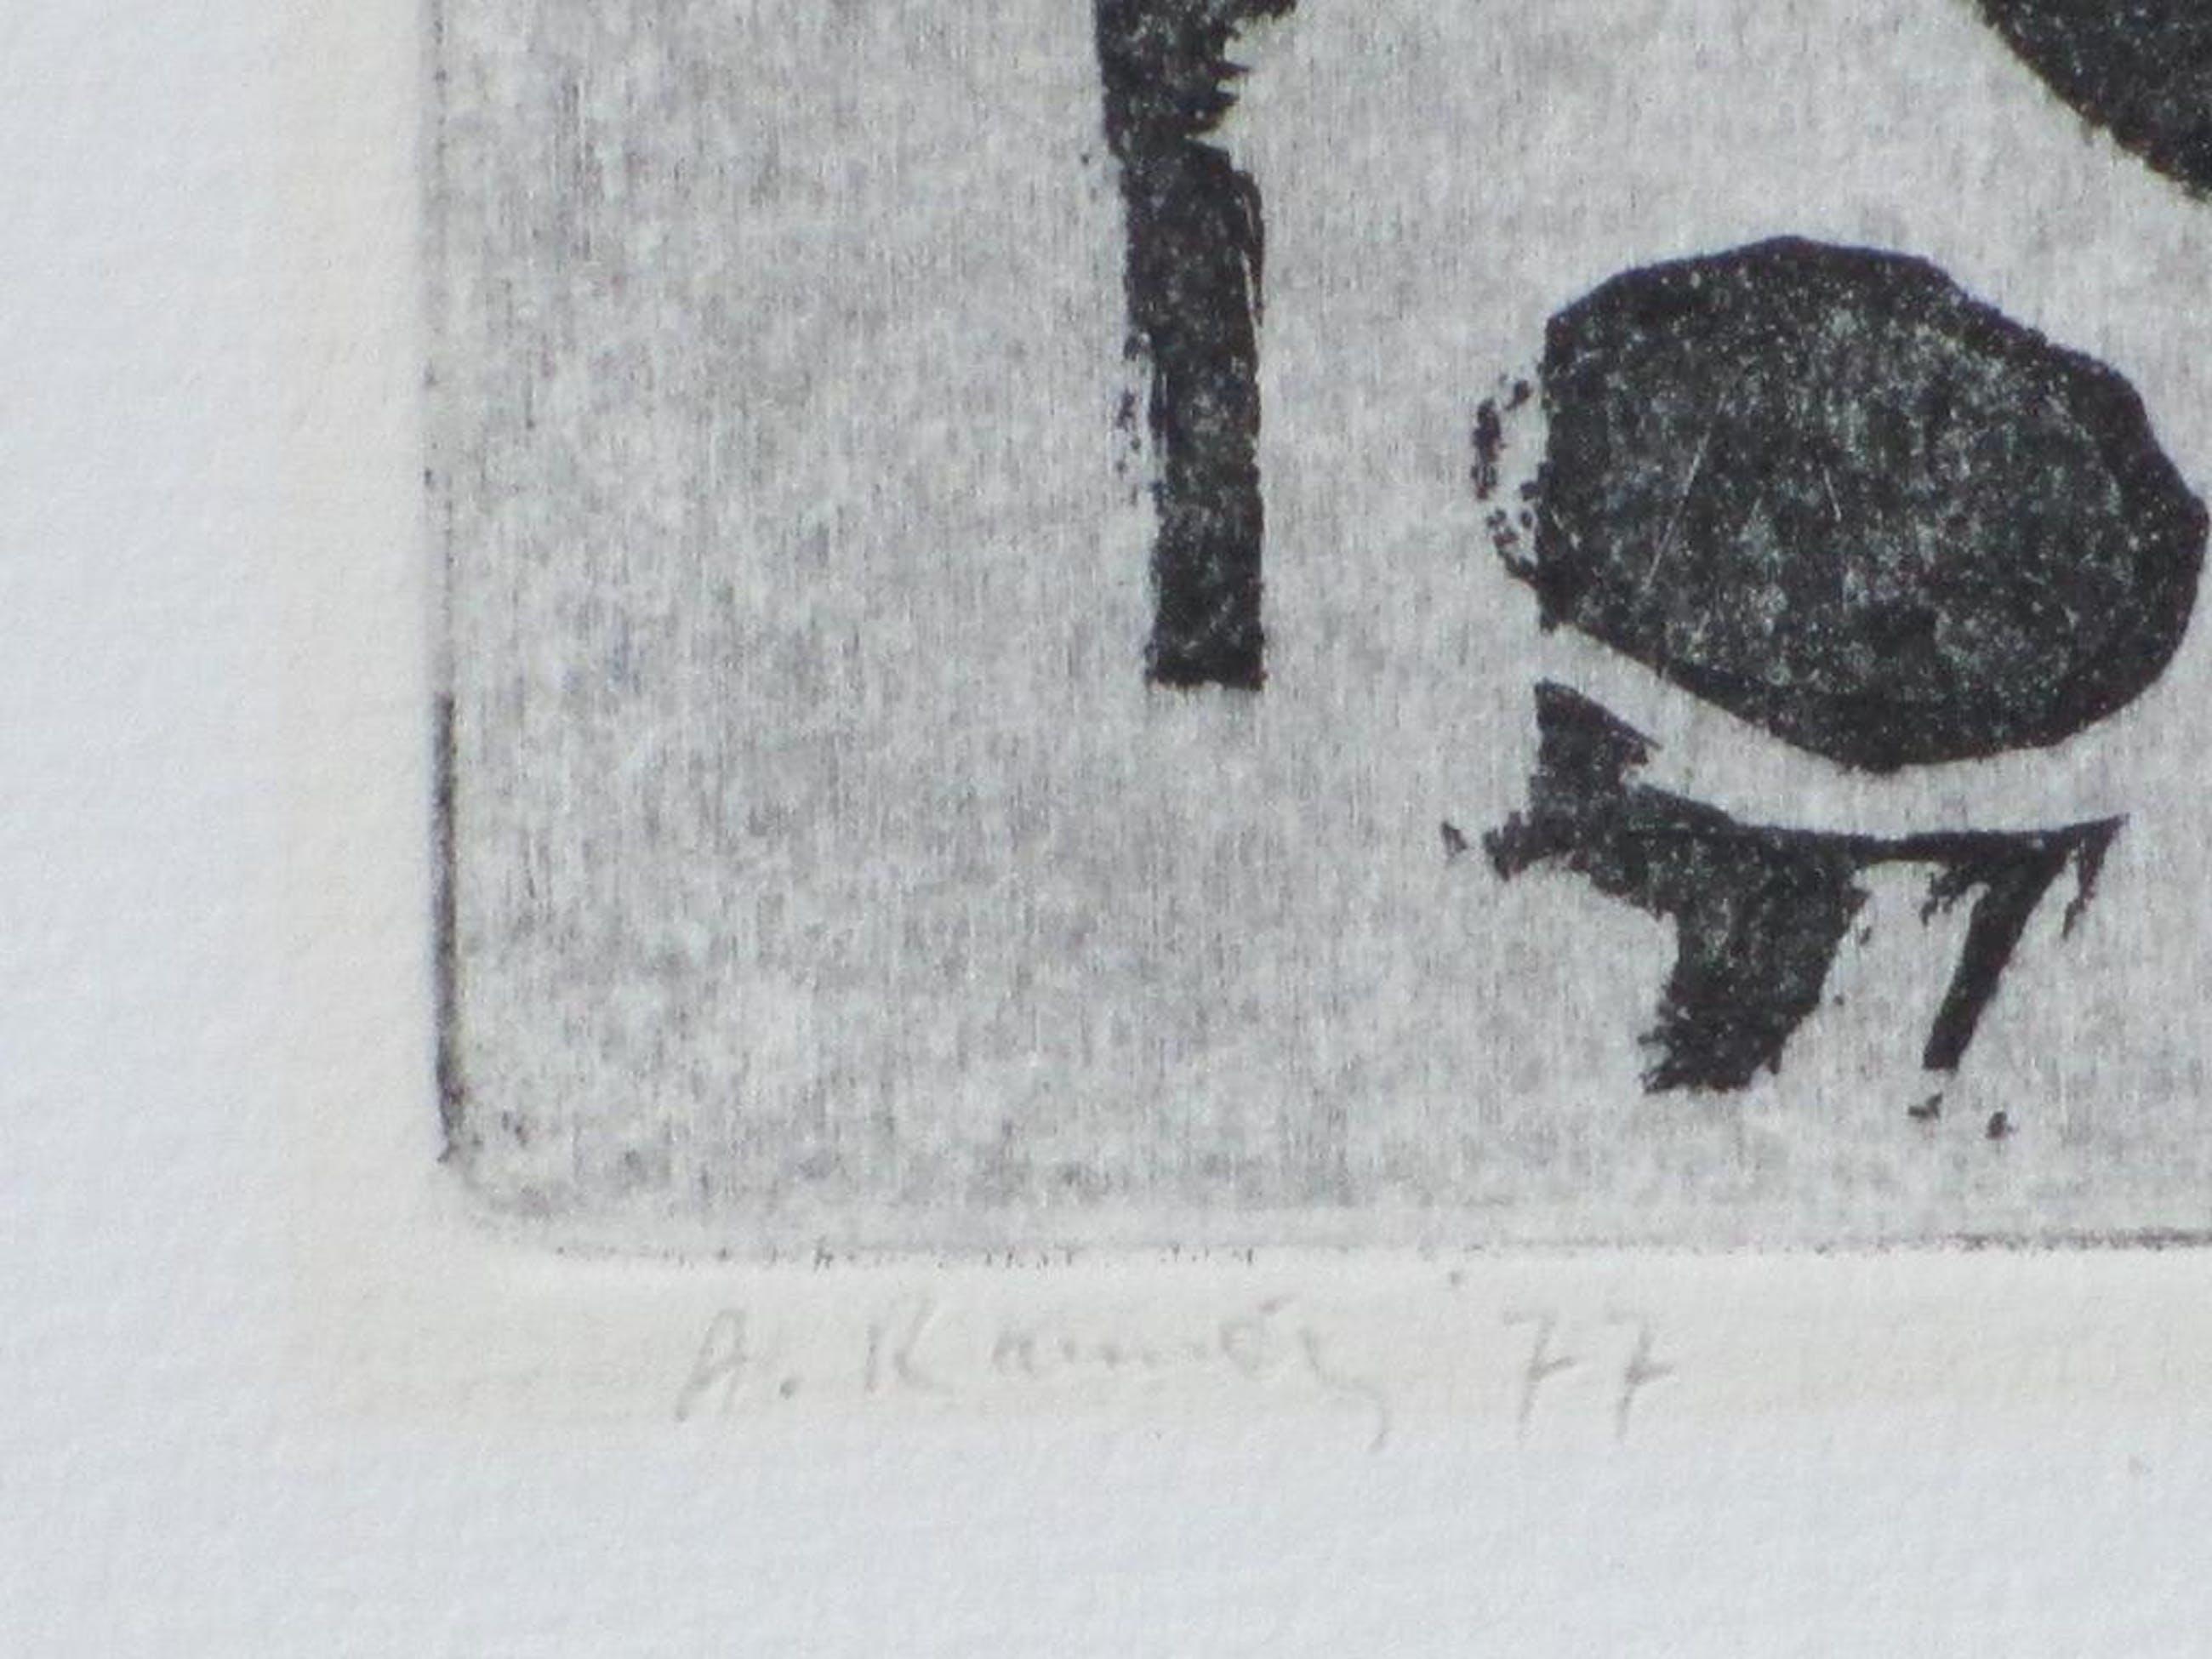 Adolfo Ramon, Jongen met gebalde vuisten, Ets 1977 kopen? Bied vanaf 25!